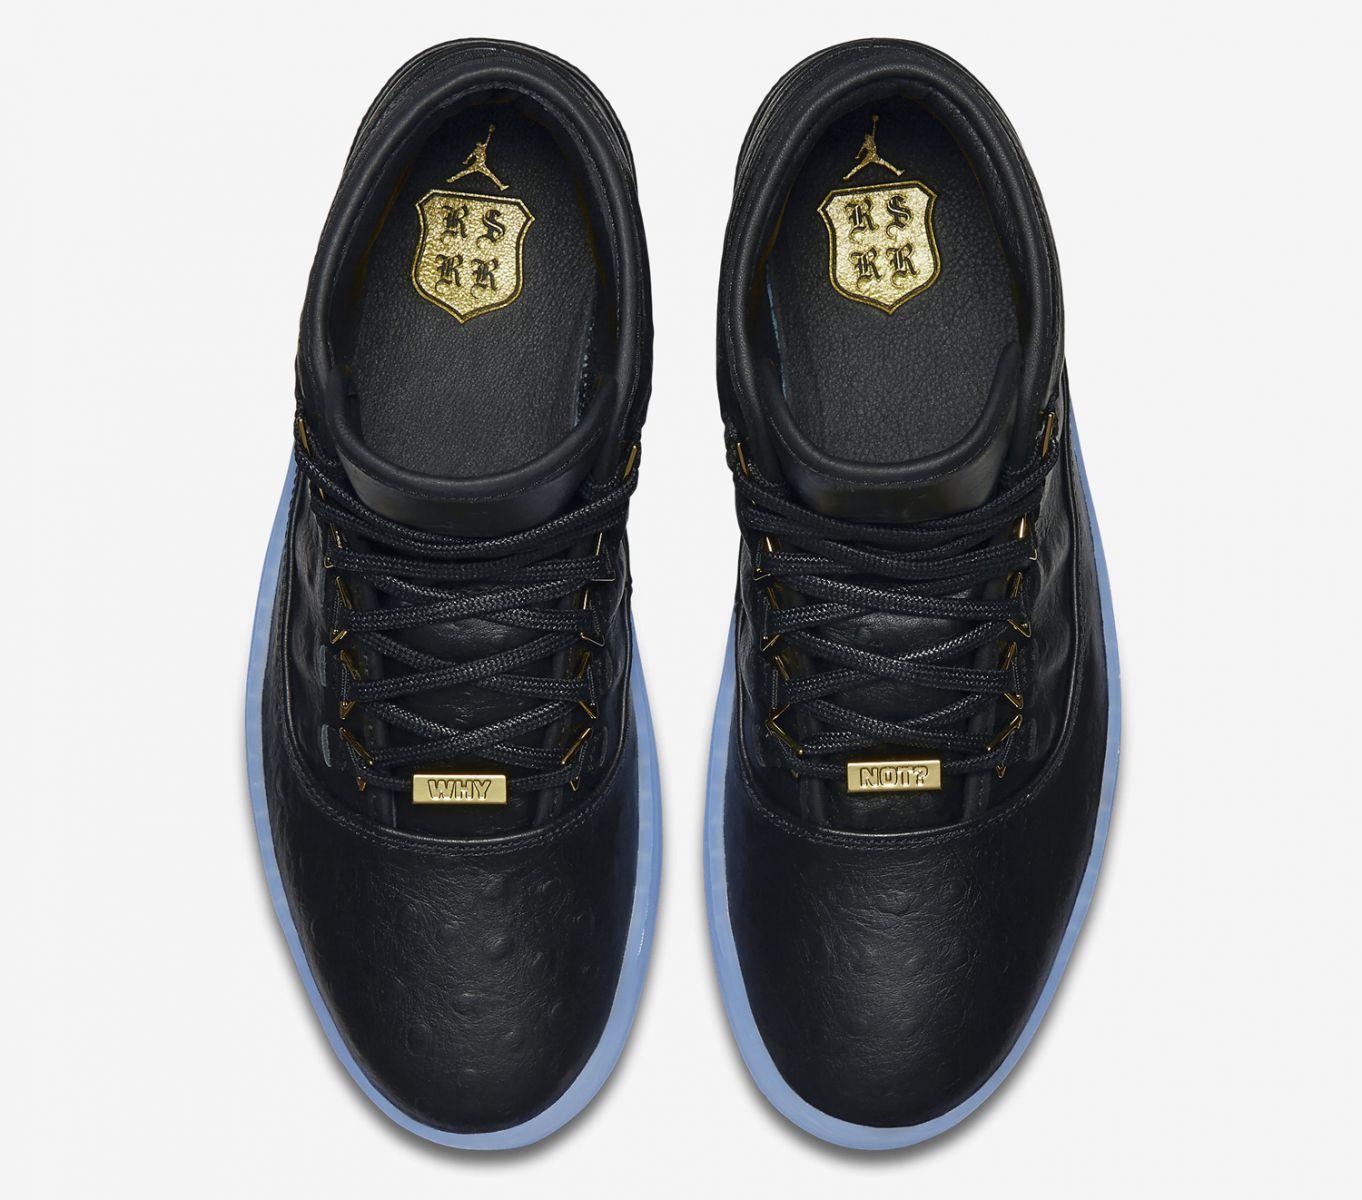 quality design 7079d 155c5 Jordan Westbrook 0 Premium